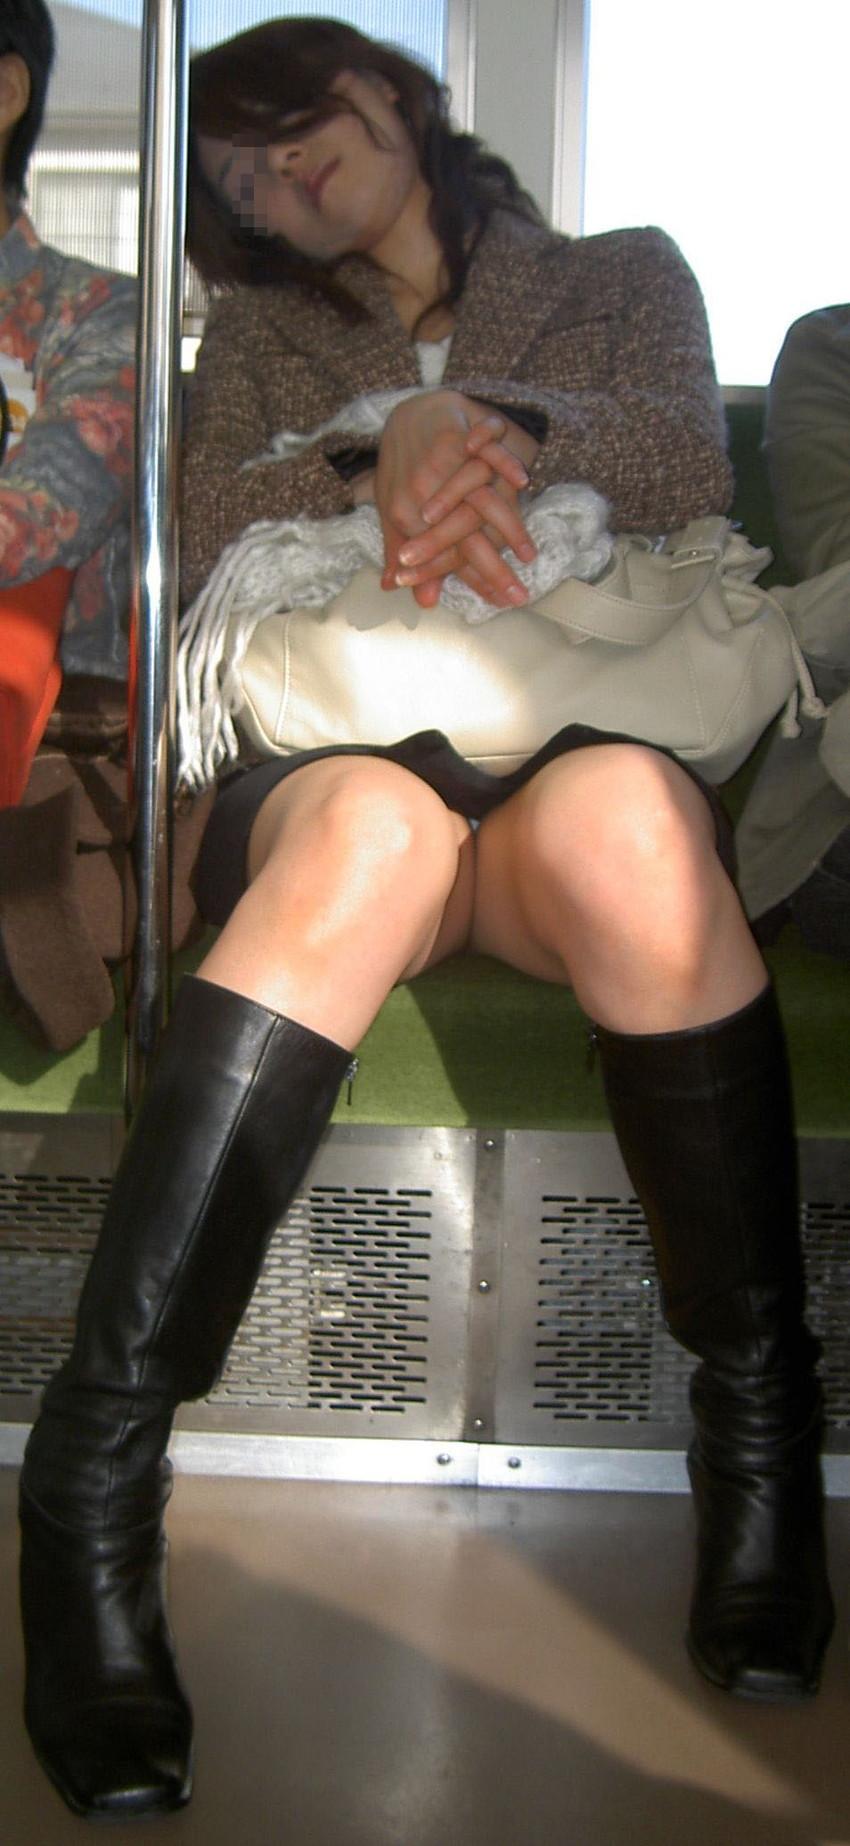 【盗撮エロ画像】電車で対面に座ったミニスカ女子のパンティー盗撮したった! 28